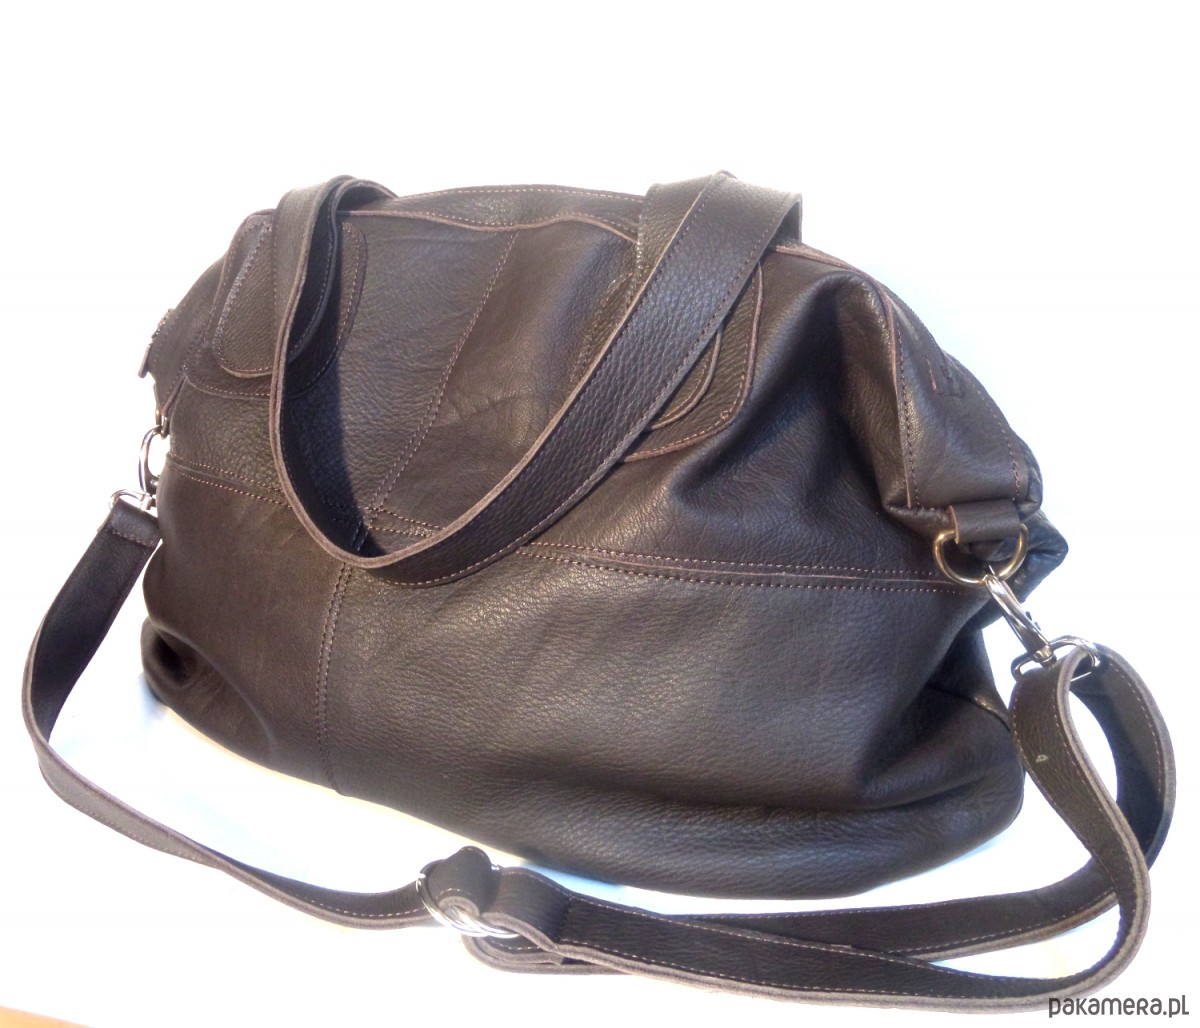 fd9c2c2953168 Duża skórzana czekoladowa torba - torby na ramię - damskie - Pakamera.pl